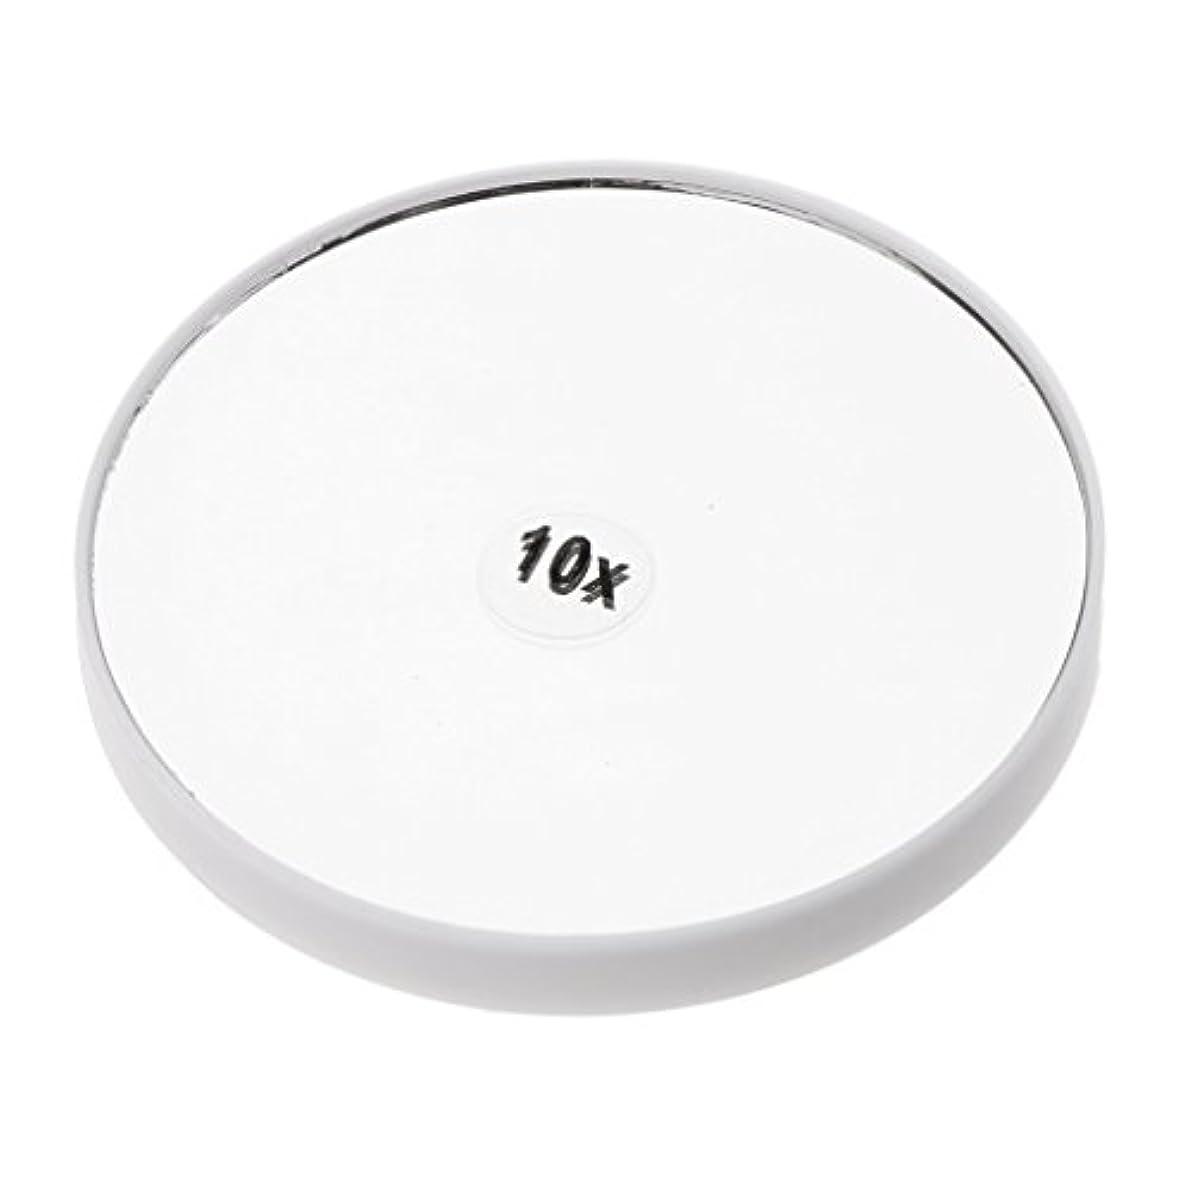 外向き機会本当にPerfk メイクアップミラー 化粧鏡 10倍拡大鏡 強力吸盤付き 円型 シンプルデザイン 耐久性 高品質 2色選べる - 白